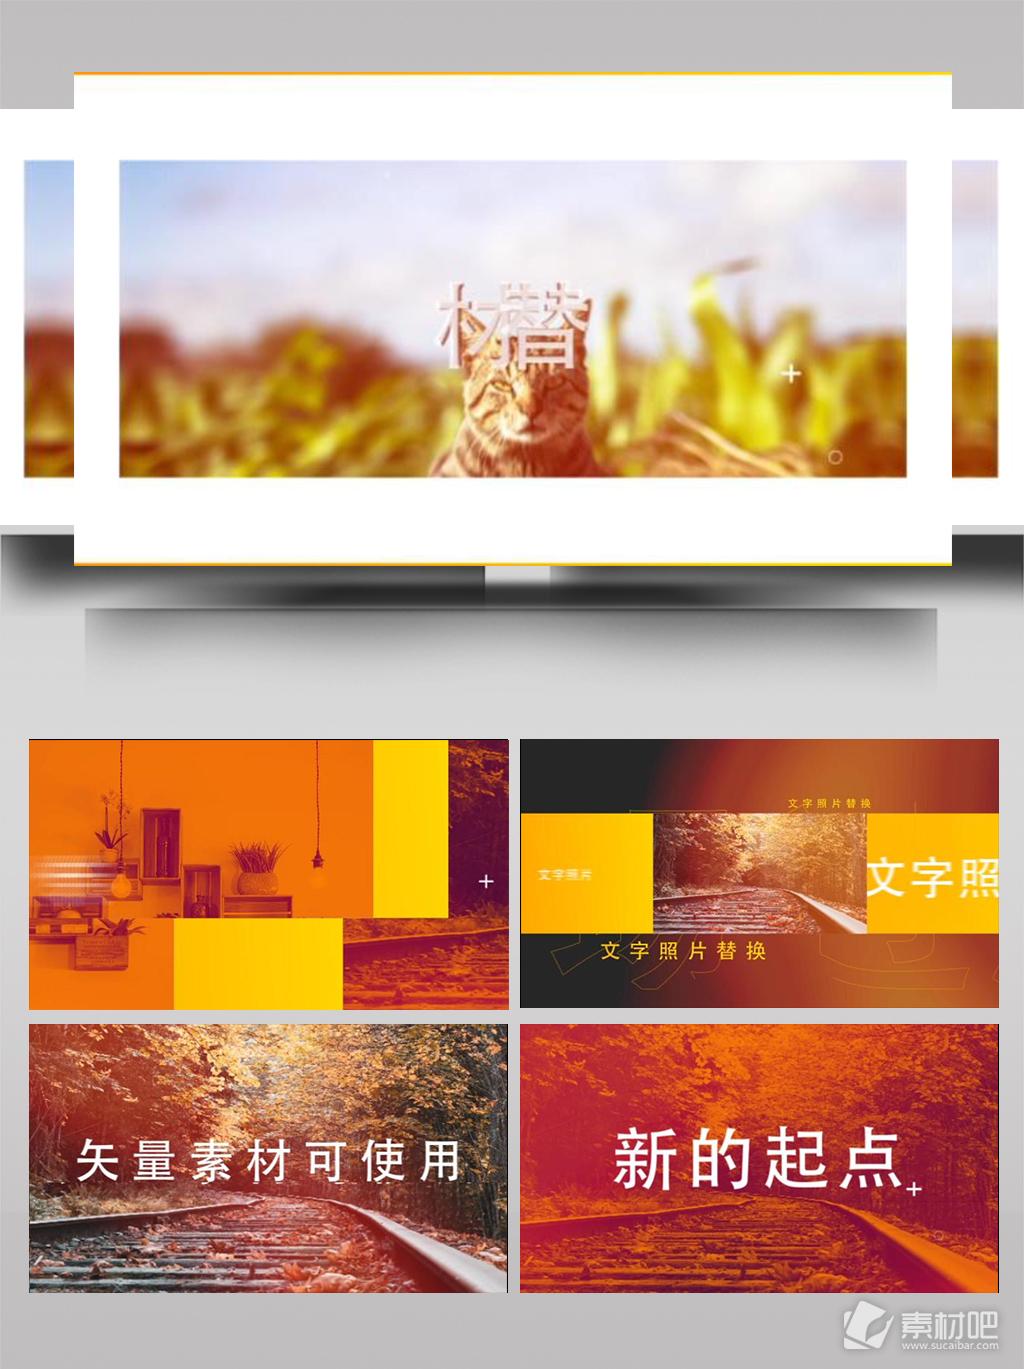 绚丽色彩快闪图文标题展示AE模板